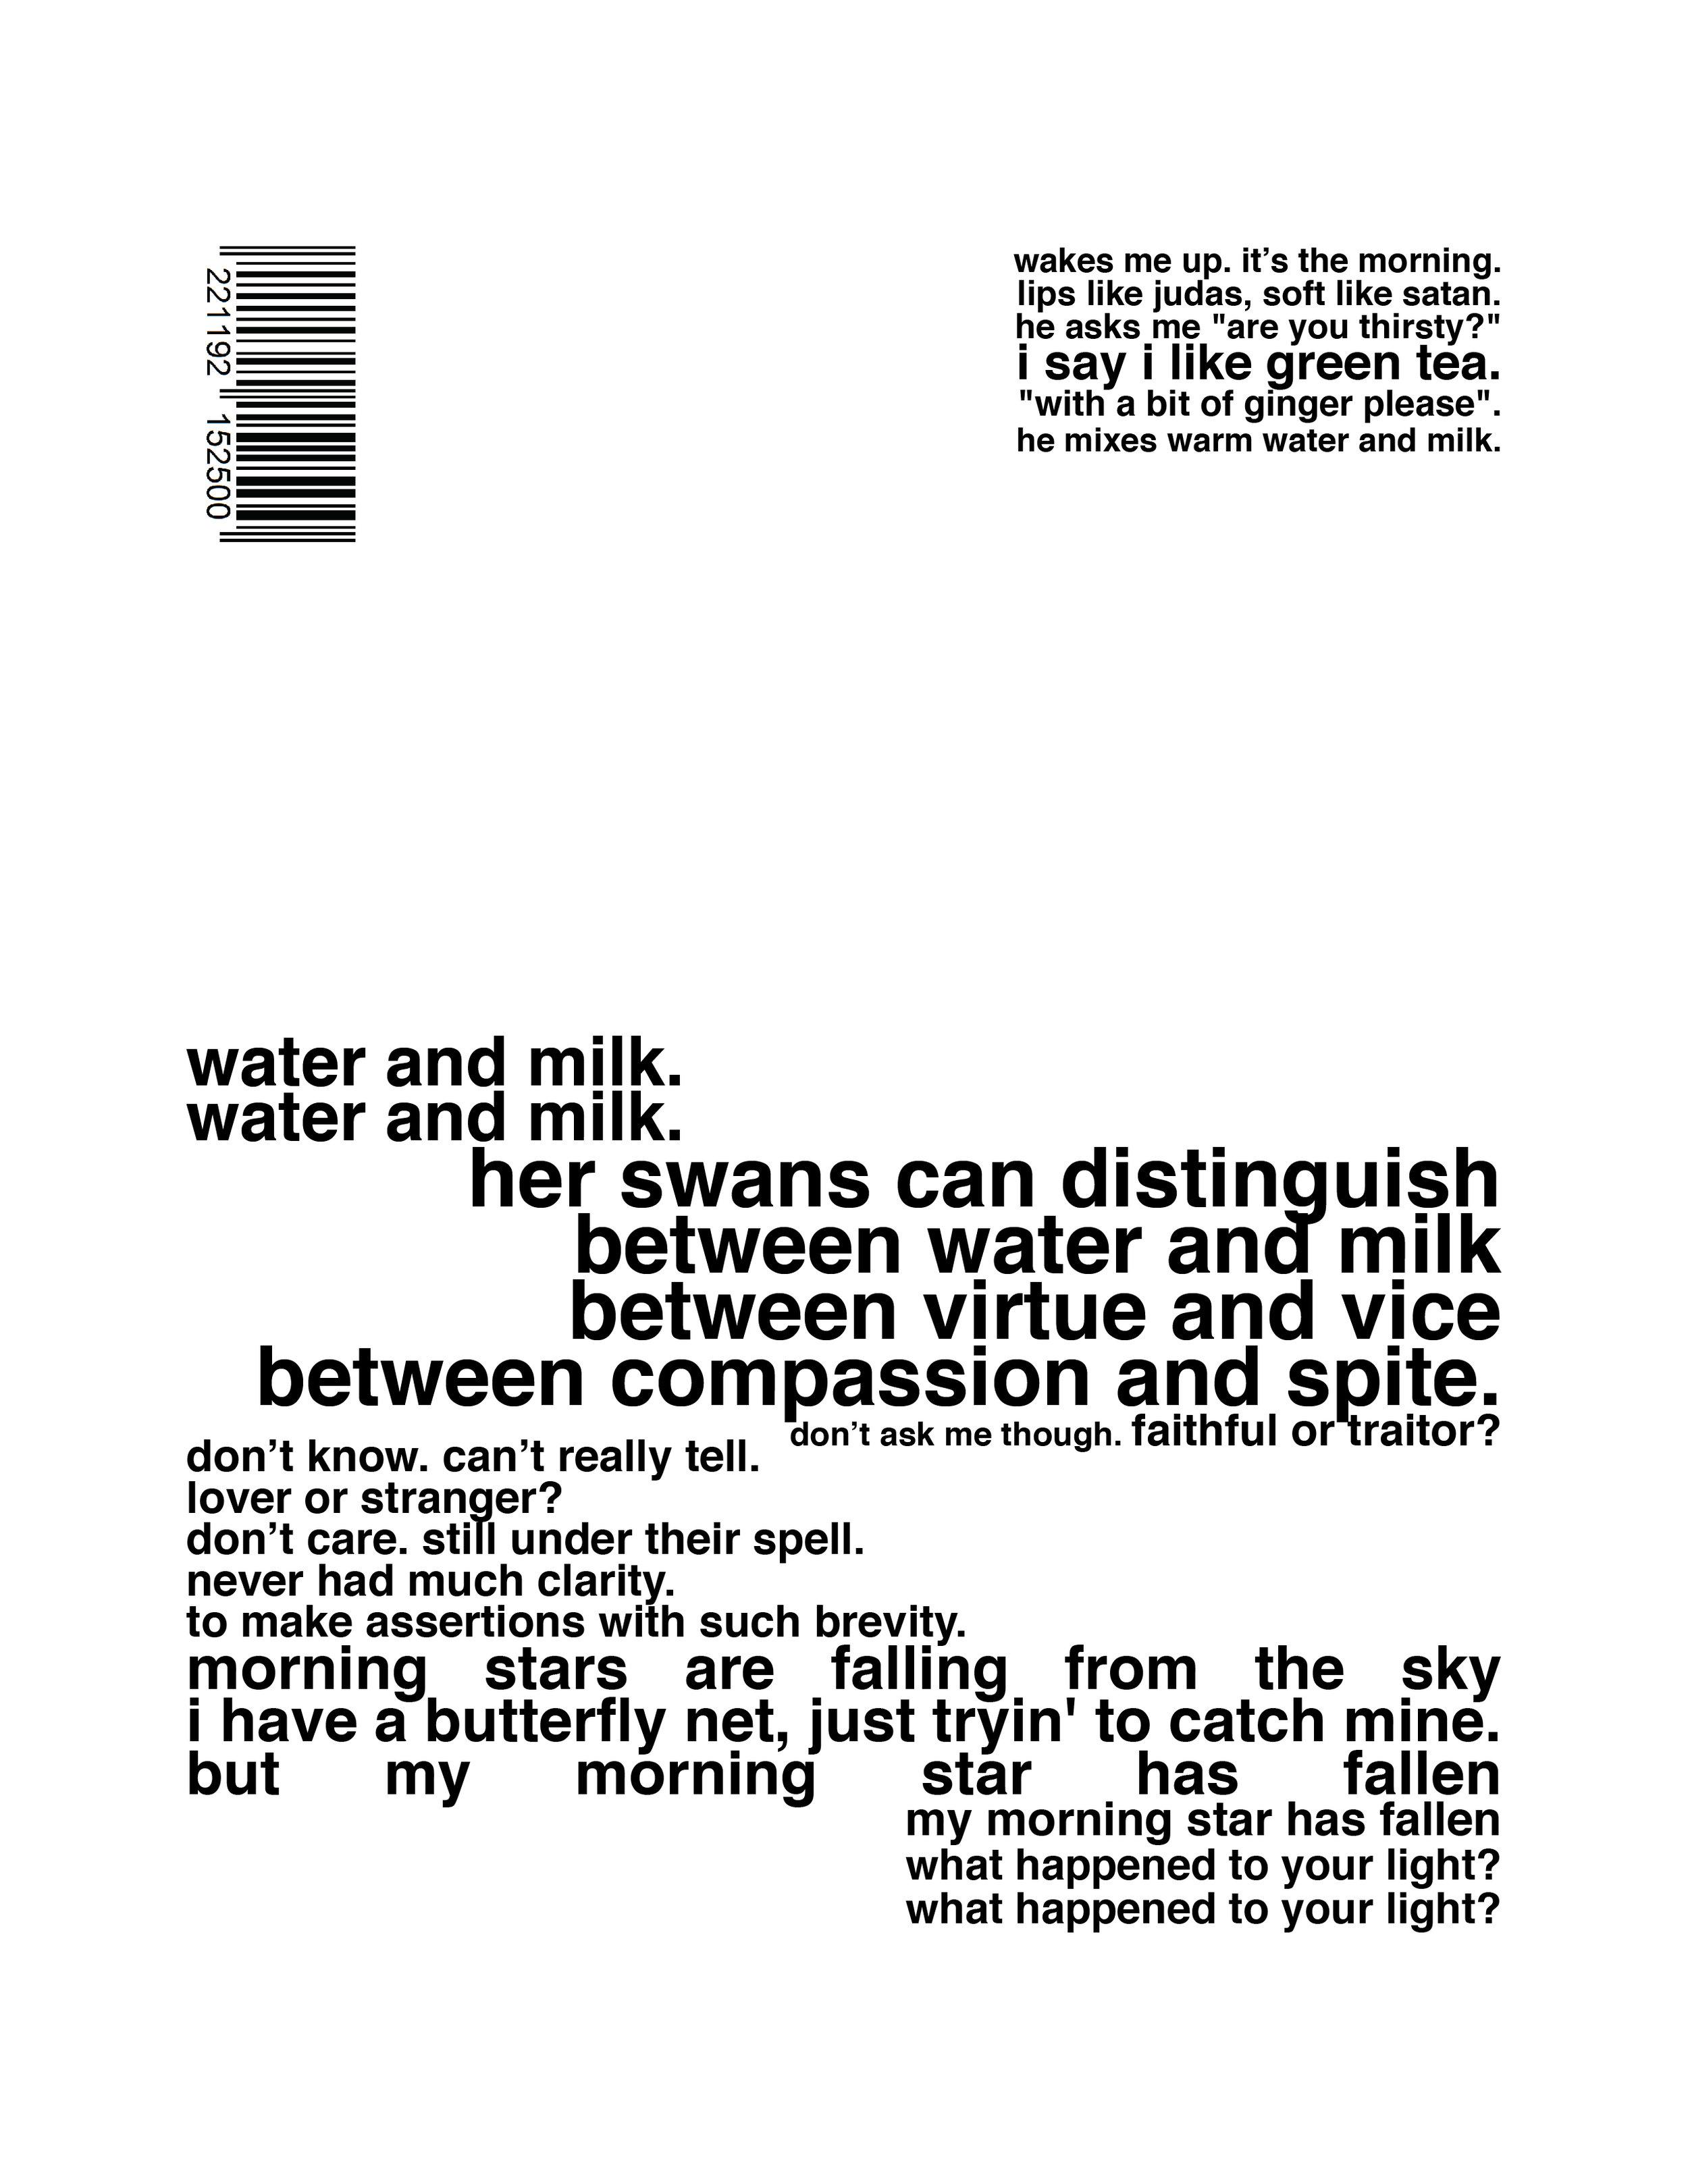 waterandmilk-02.jpg